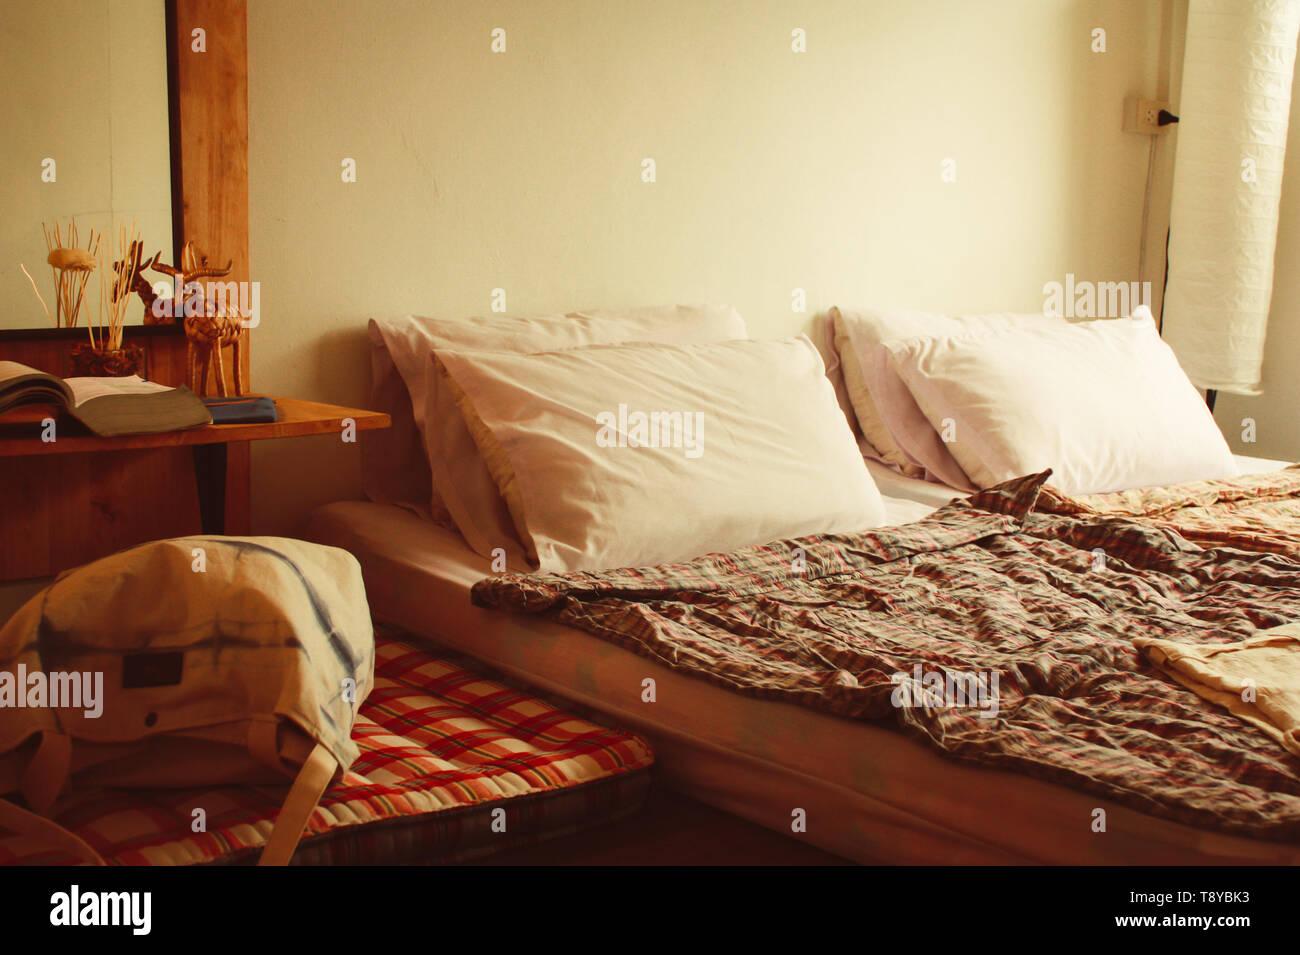 Matelas sur marbre handmade concept idée Décoration pour chambre à ...